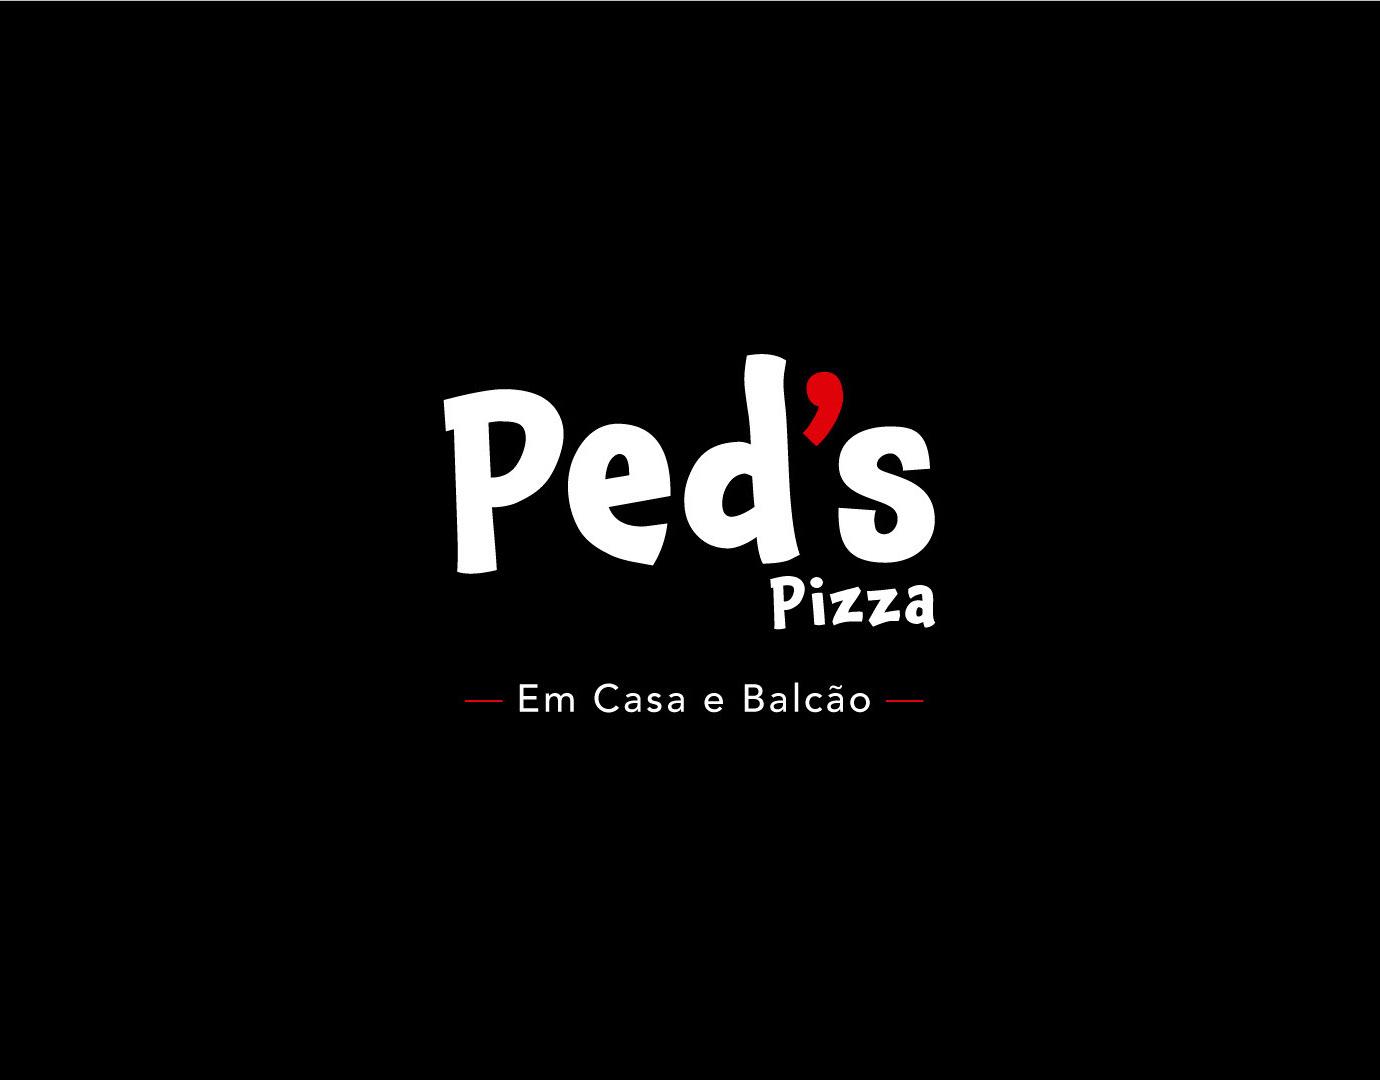 (c) Doiszero.com.br